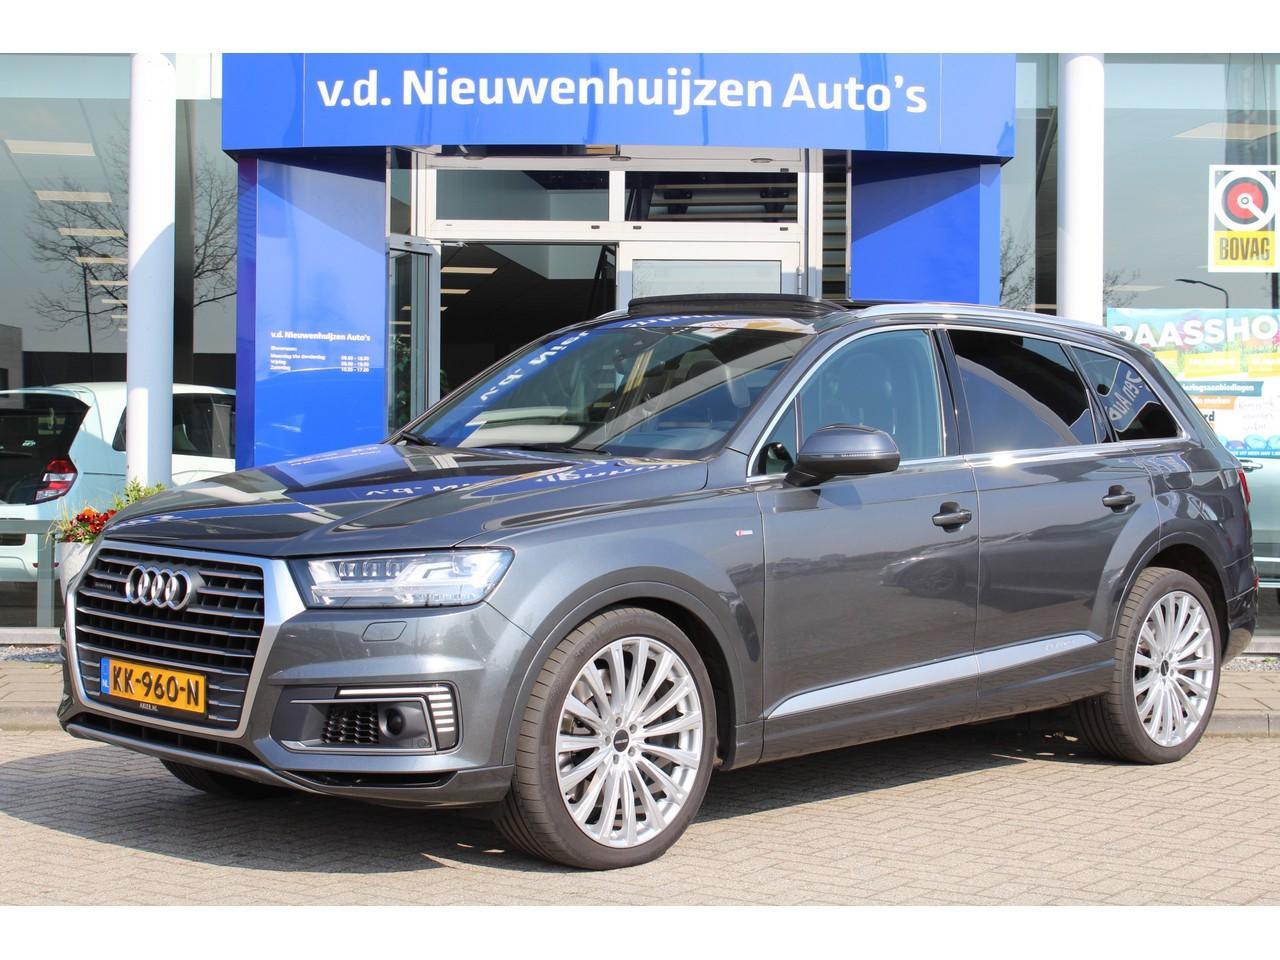 Audi Q7 3.0 tdi e-tron quattro sport ex. btw